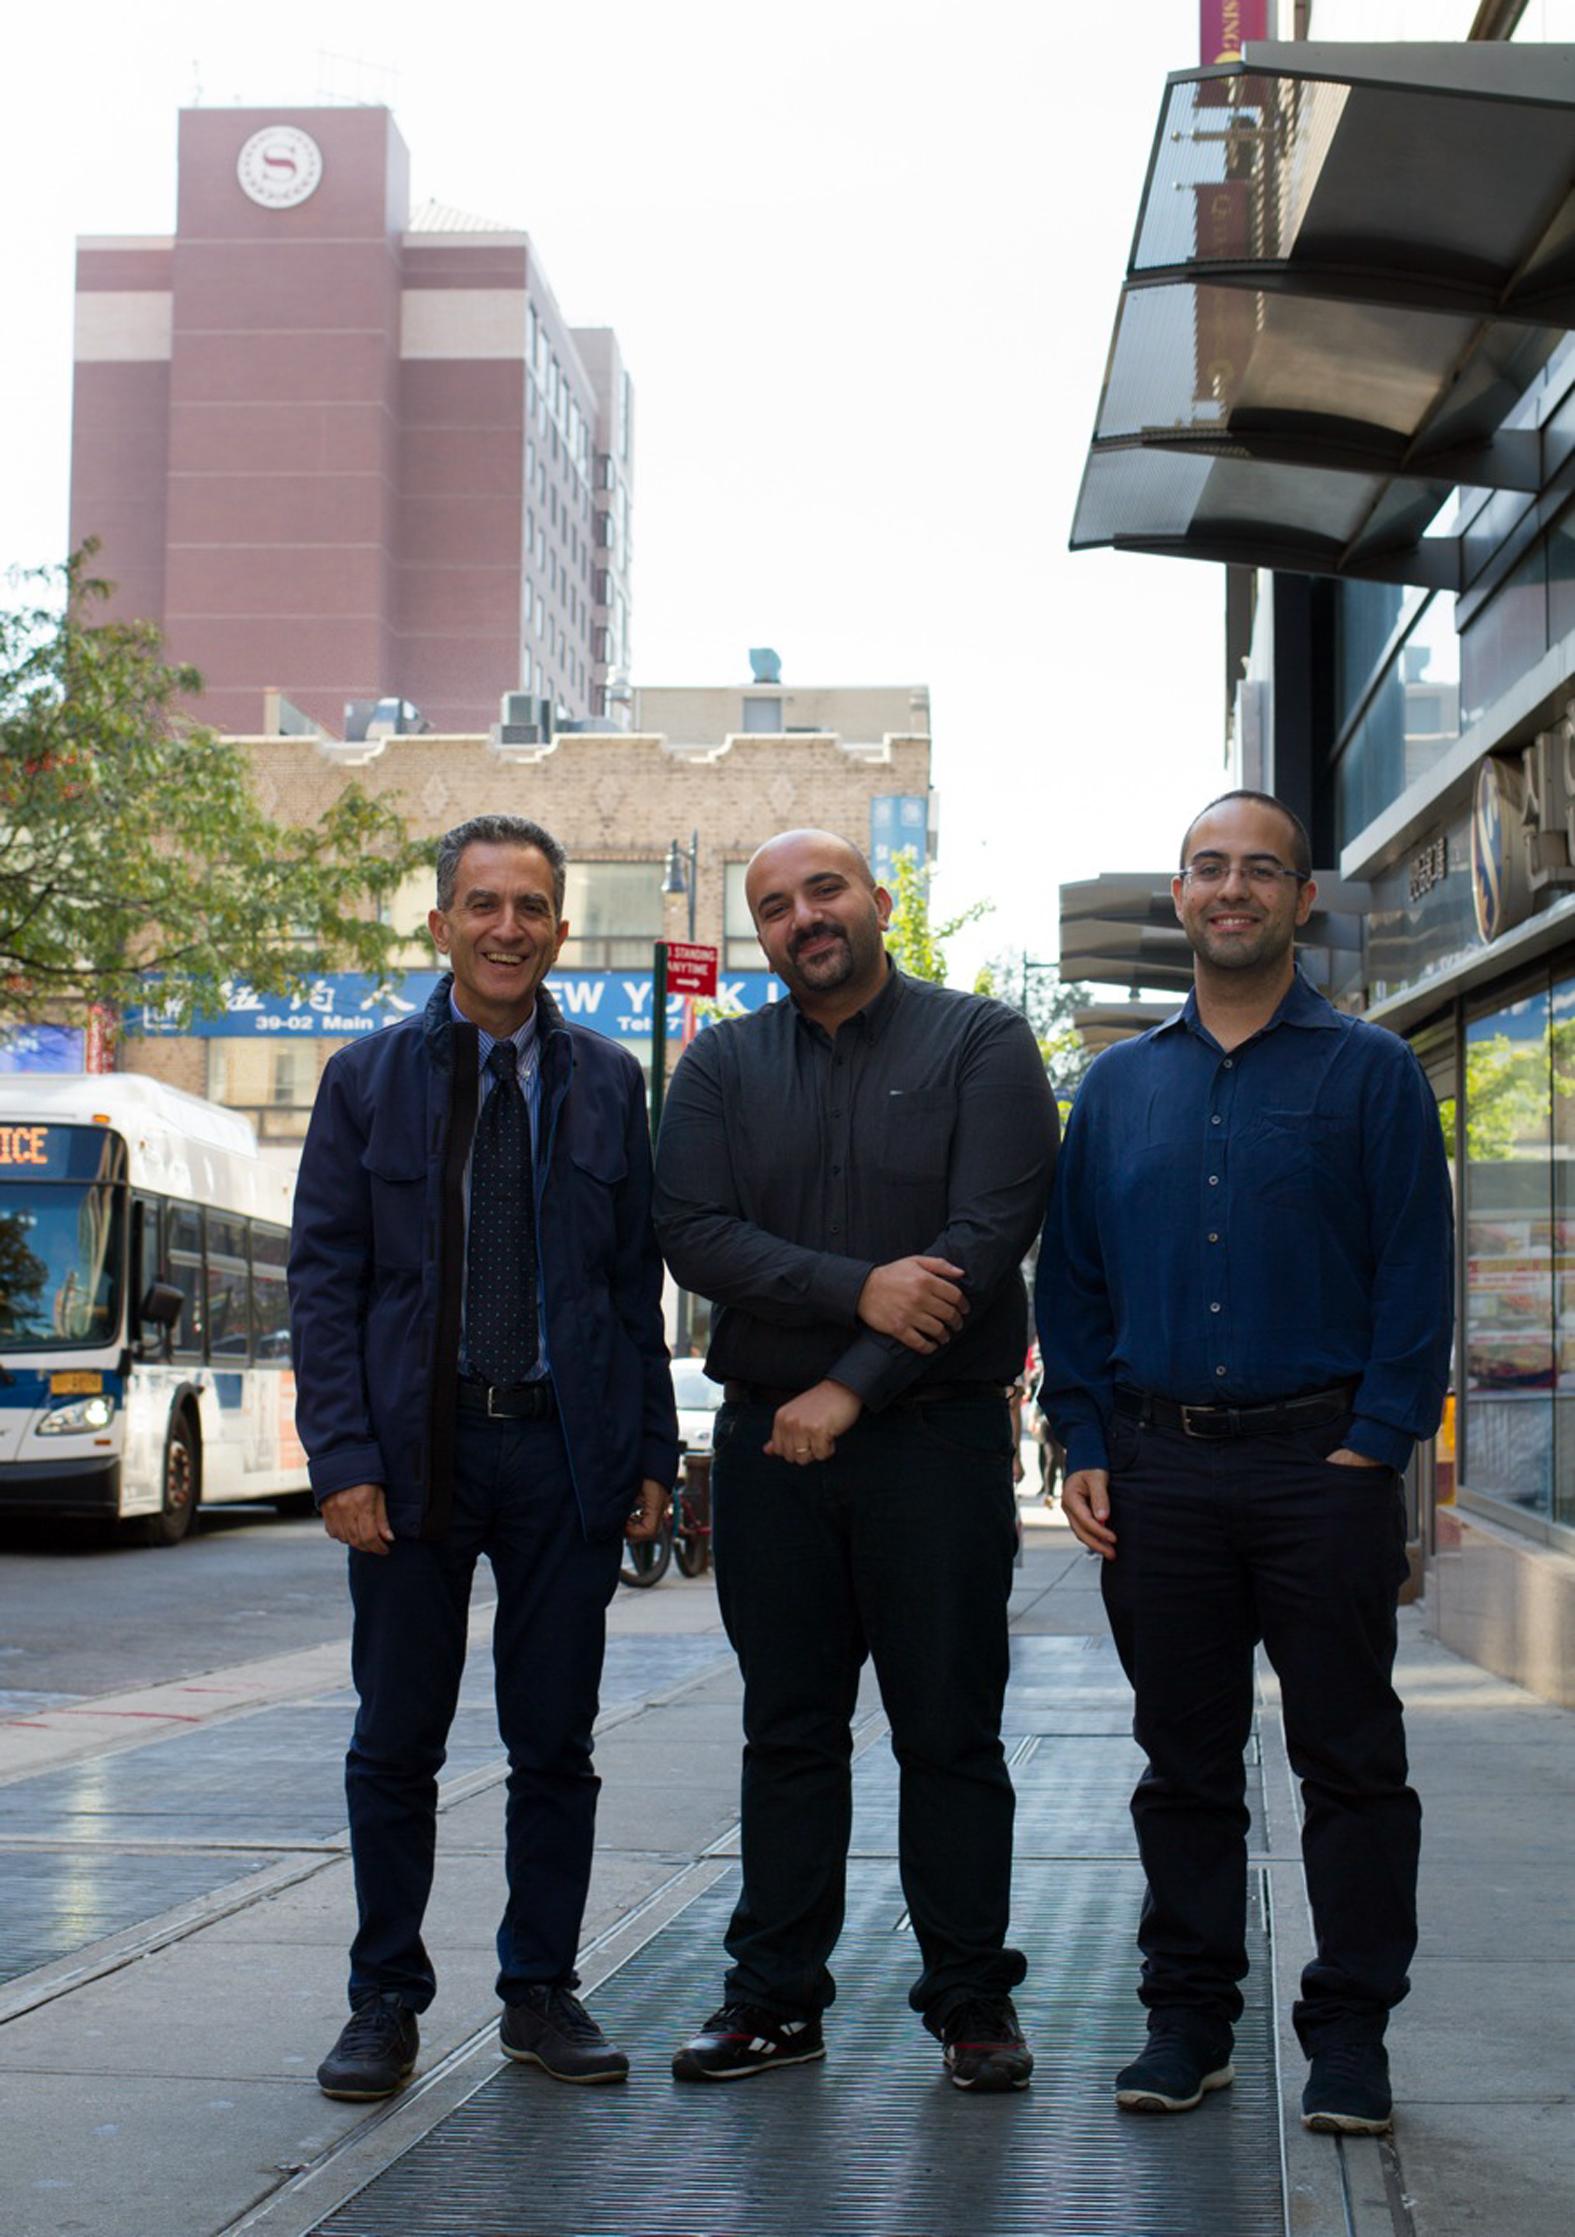 Il professore Nicola Leone, assieme ai ricercatori Mario Alviano e Carmine Dodaro